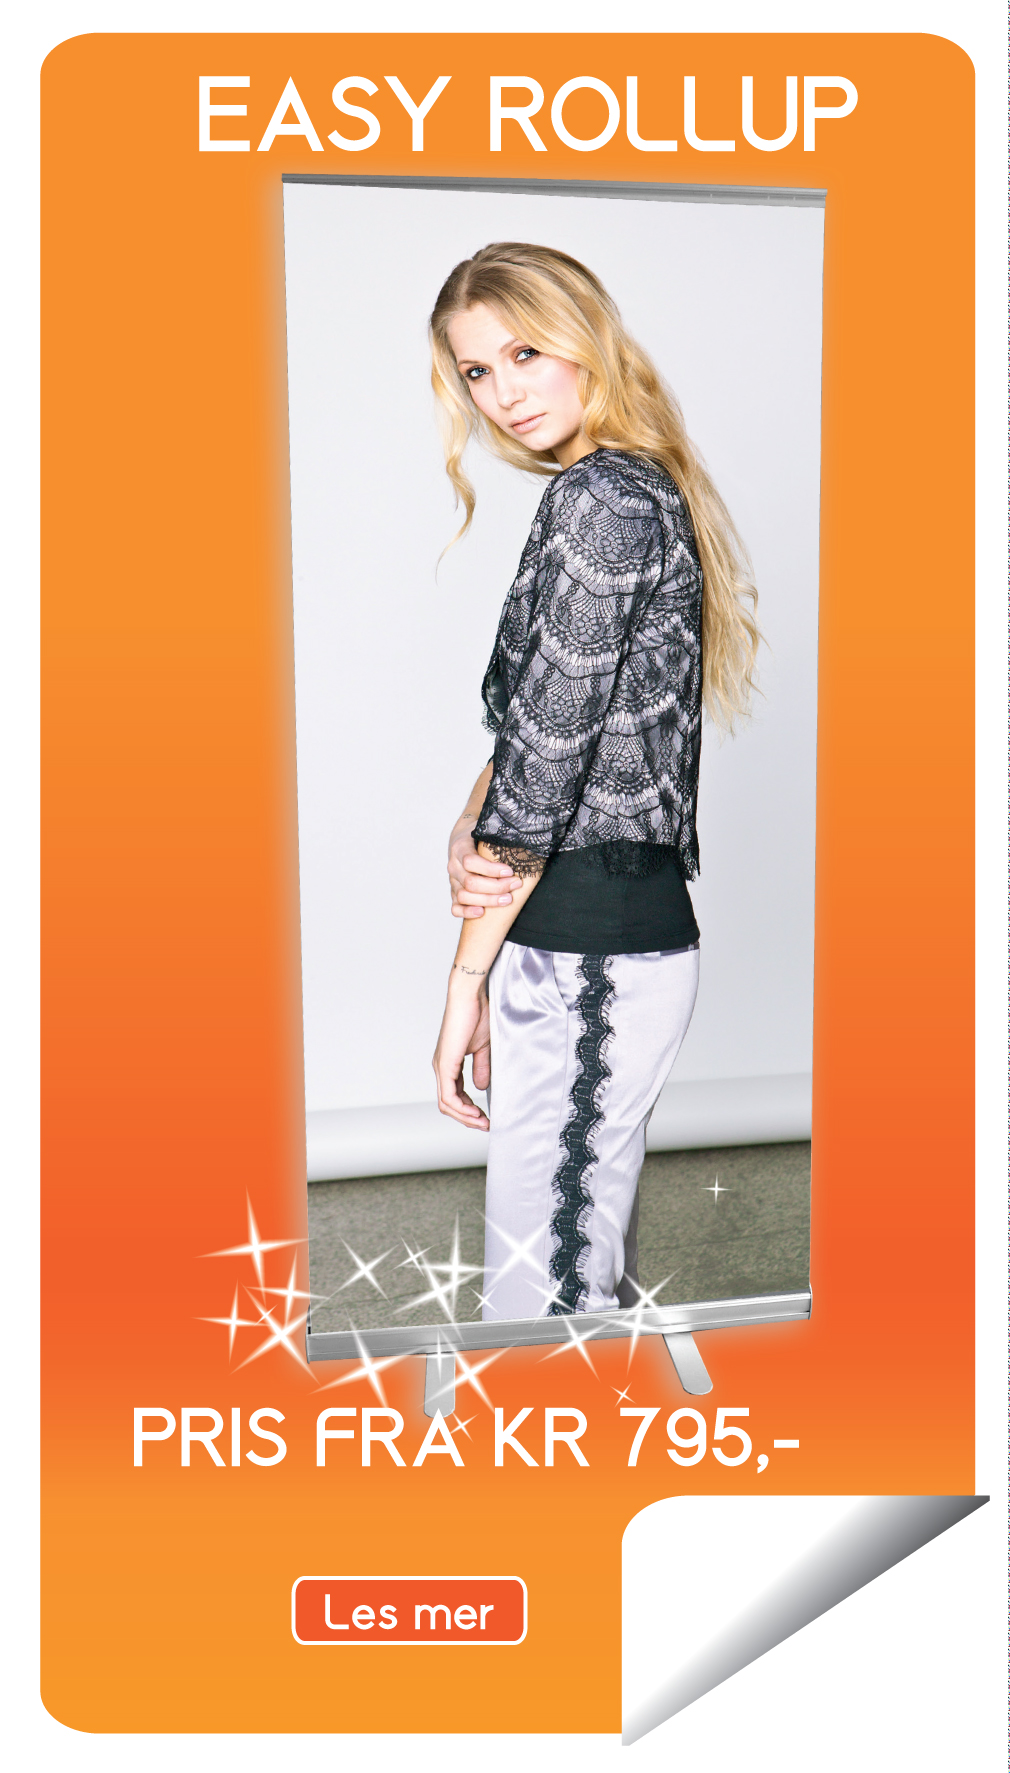 Easy_roll_banner_Orange